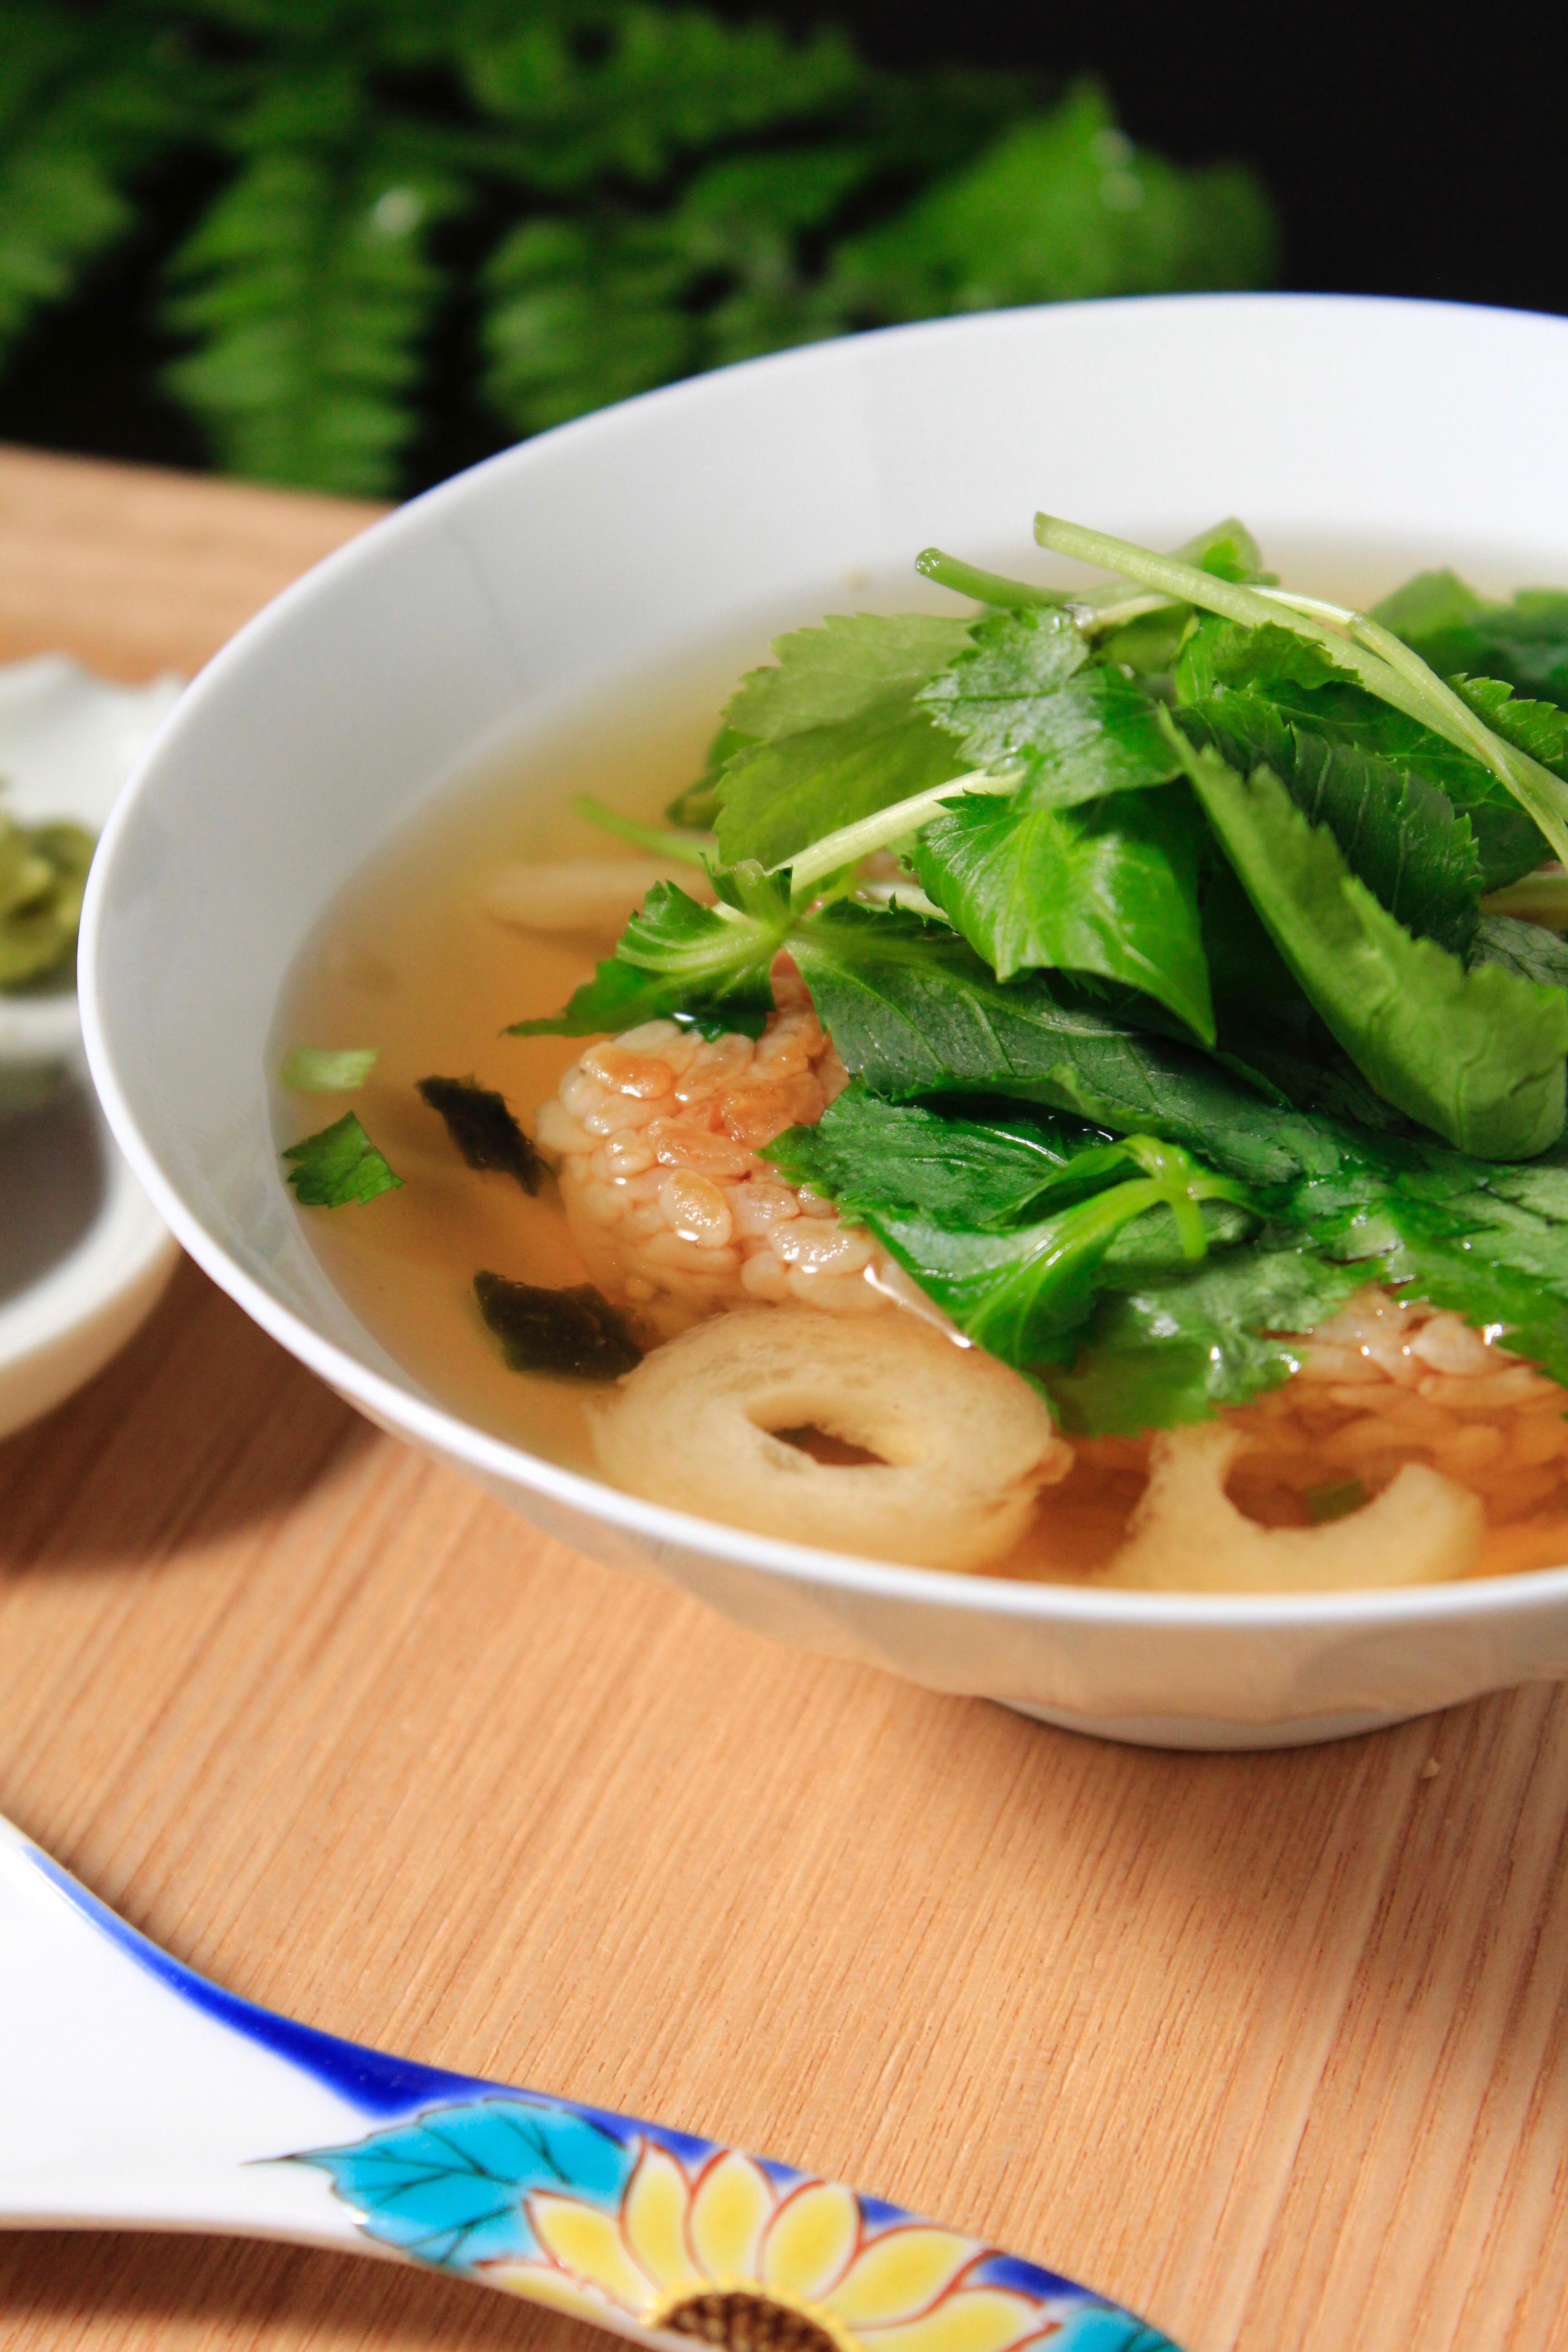 冷凍焼きおにぎりと永谷園のお吸い物でお雑炊②